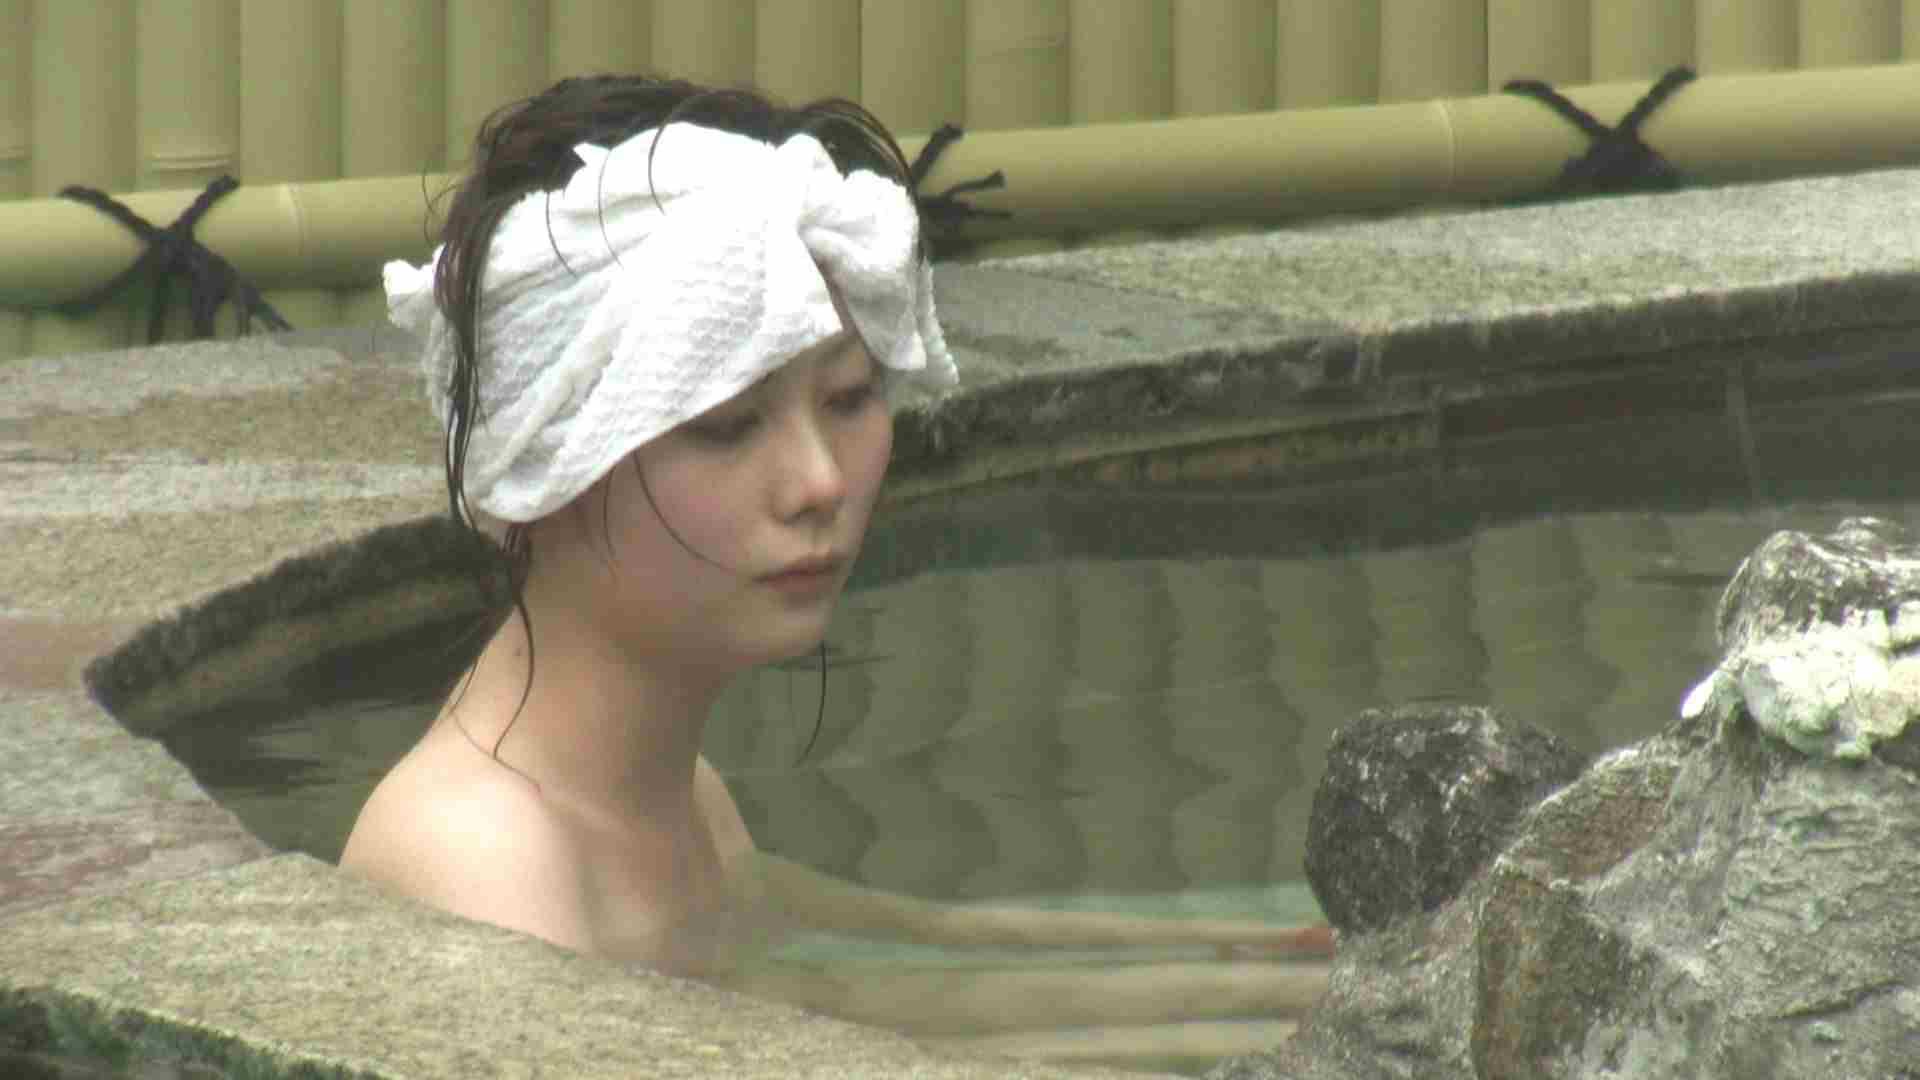 Aquaな露天風呂Vol.147 OLエロ画像  84PICs 45